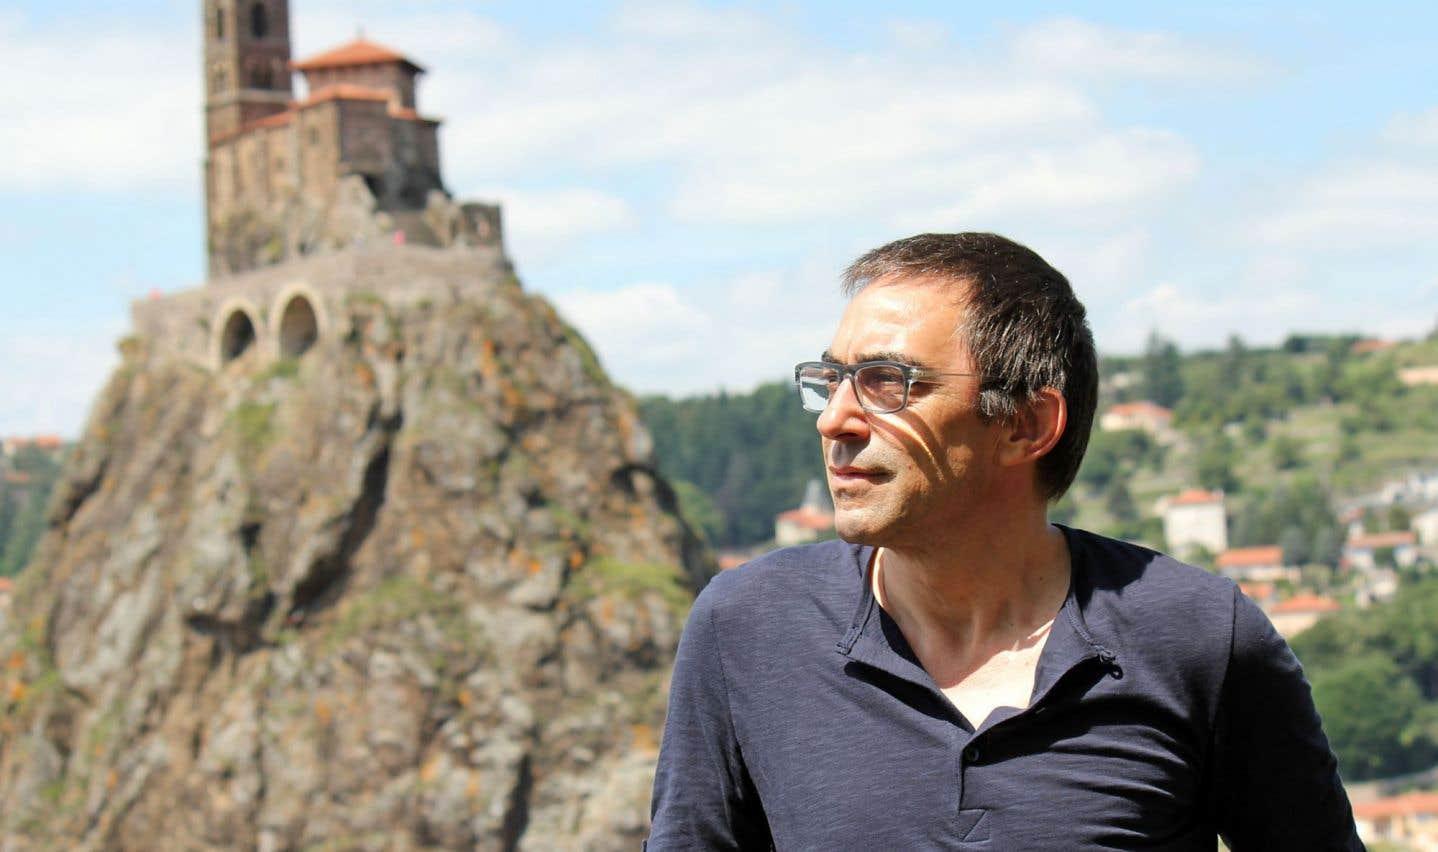 Jérôme Favrod est professeur et infirmier clinique en psychiatrie communautaire en Suisse.